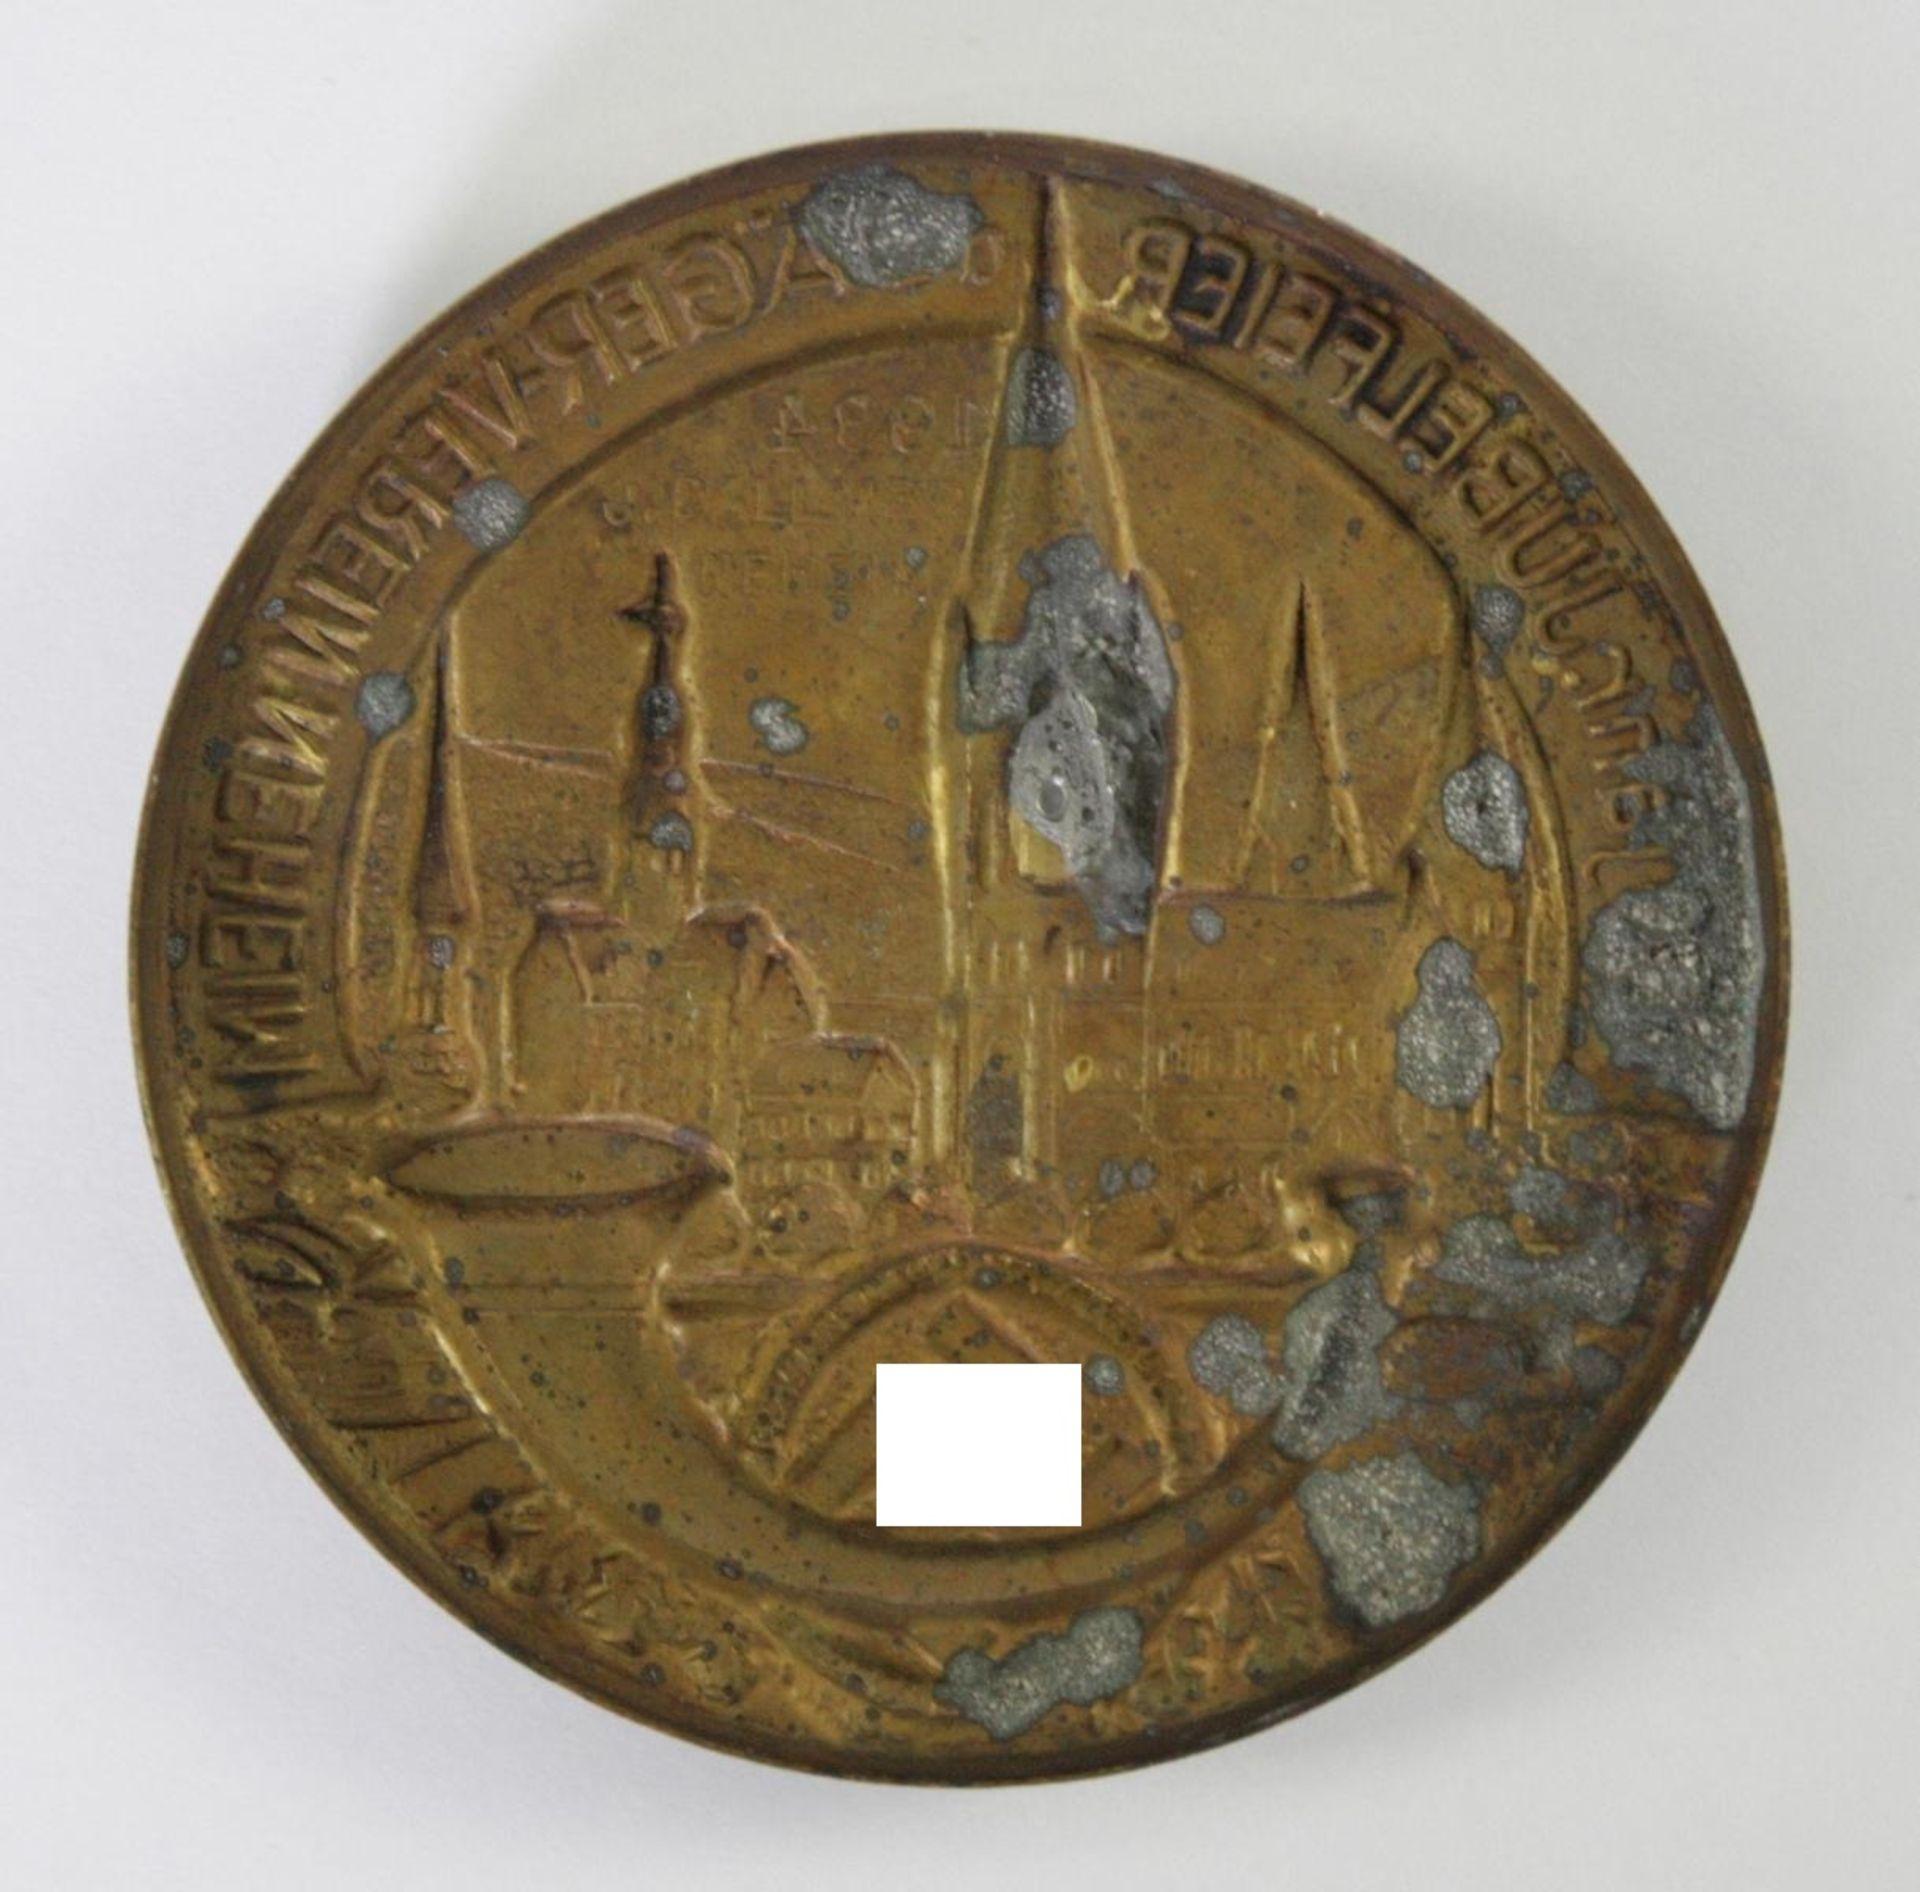 Veranstaltungsabzeichen, 100 jährige Jubelfeier des Jäger-Vereins Neheim 1934 - Bild 2 aus 2